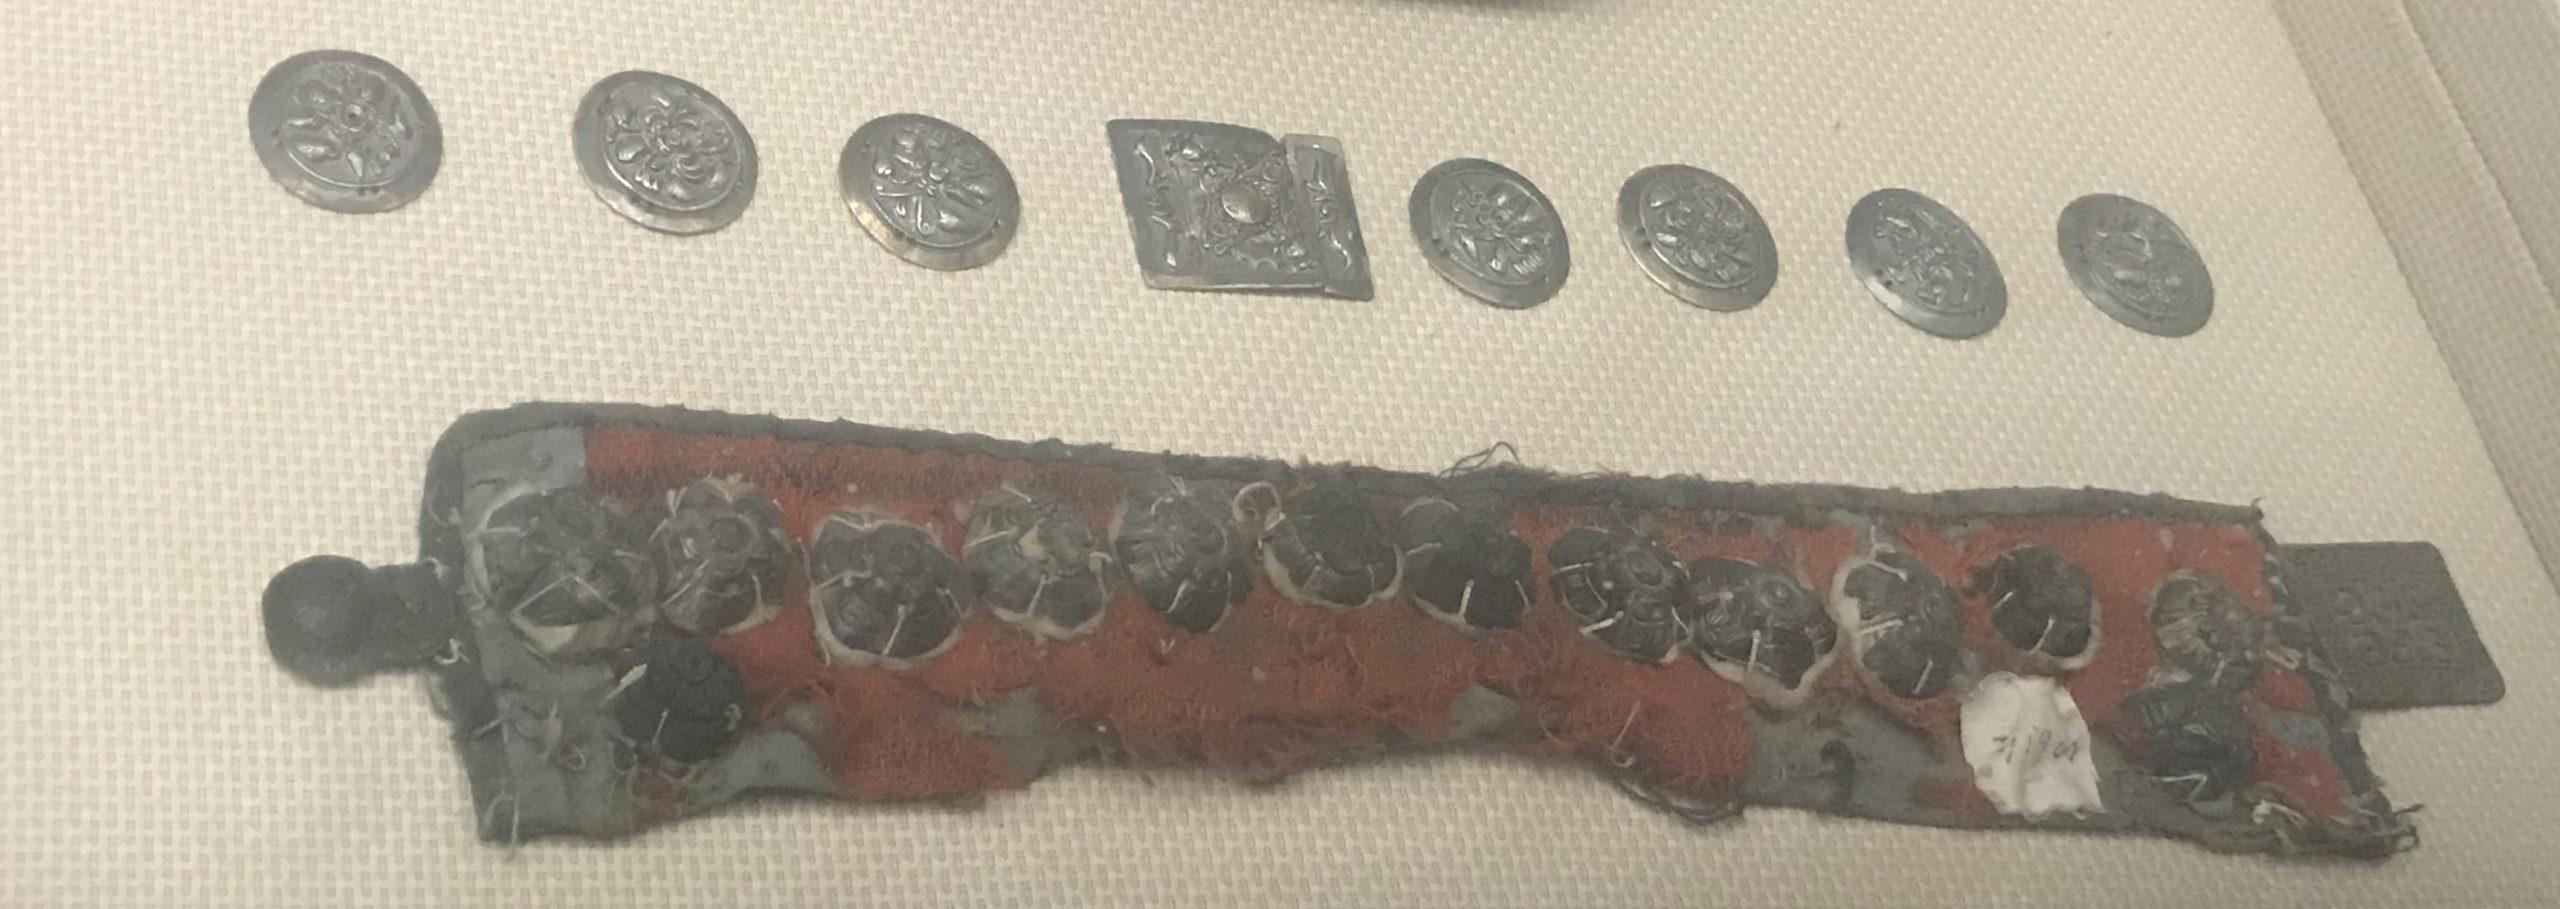 銀領飾り-チャン族アクセサリー-四川民族文物館-四川博物館-成都